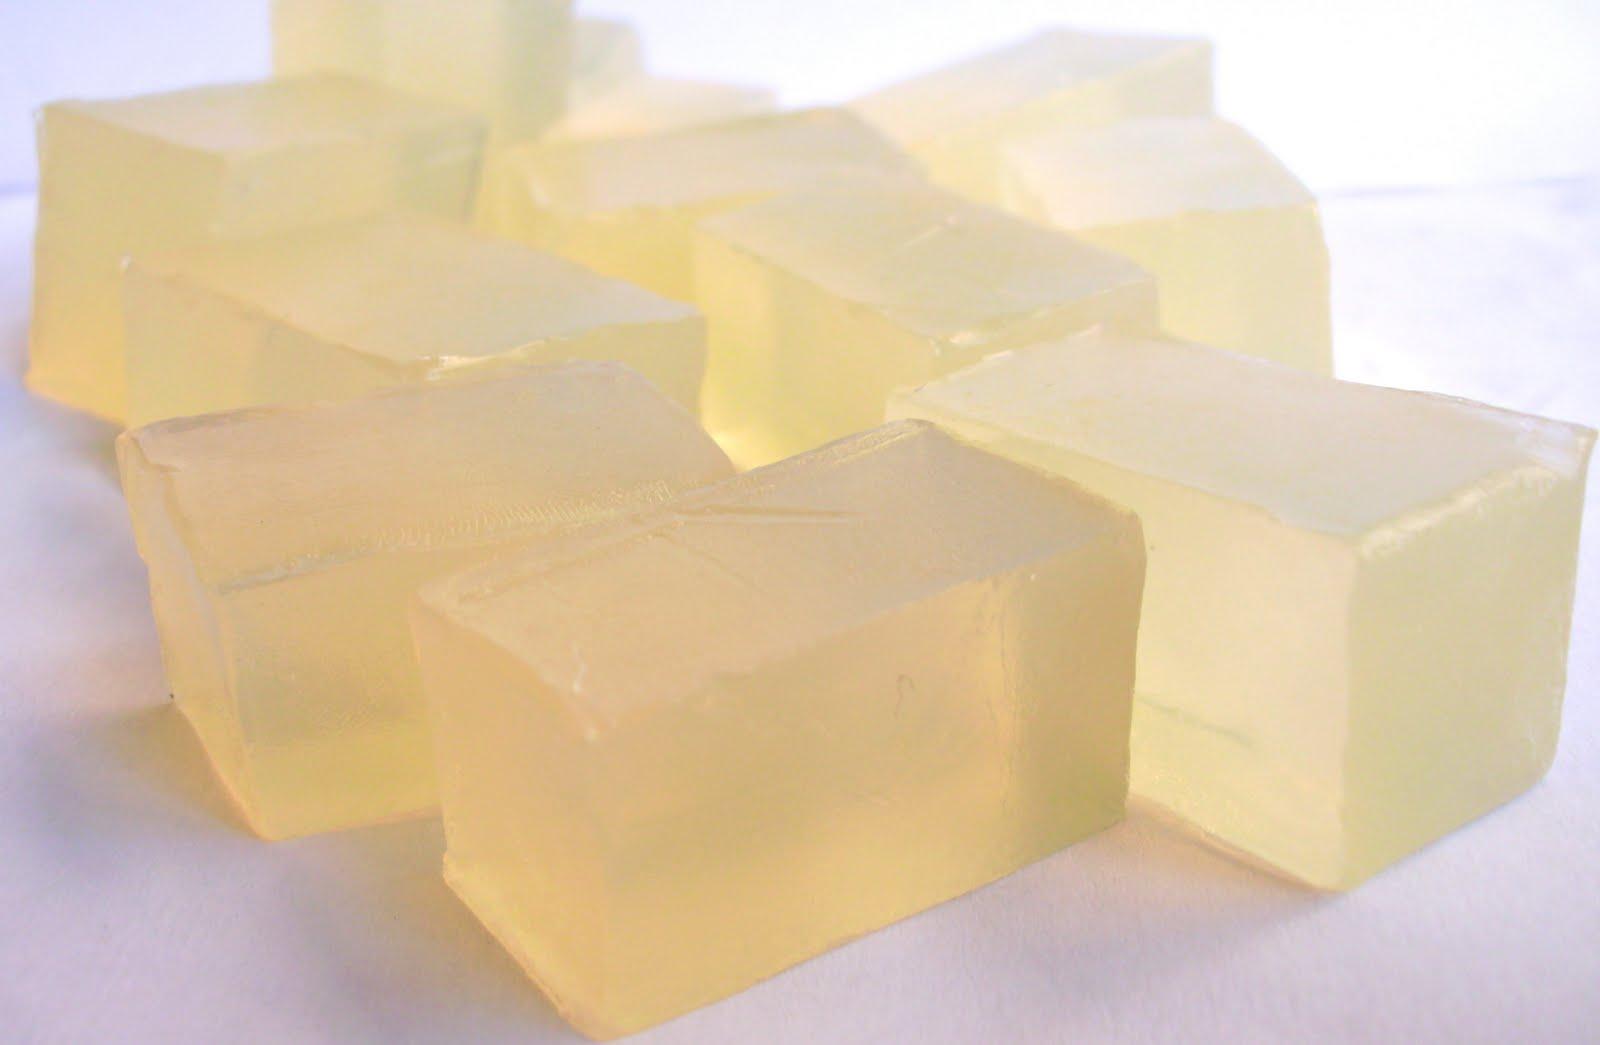 Manualizando jabones de glicerina resolviendo dudas - Jabon de glicerina casero ...